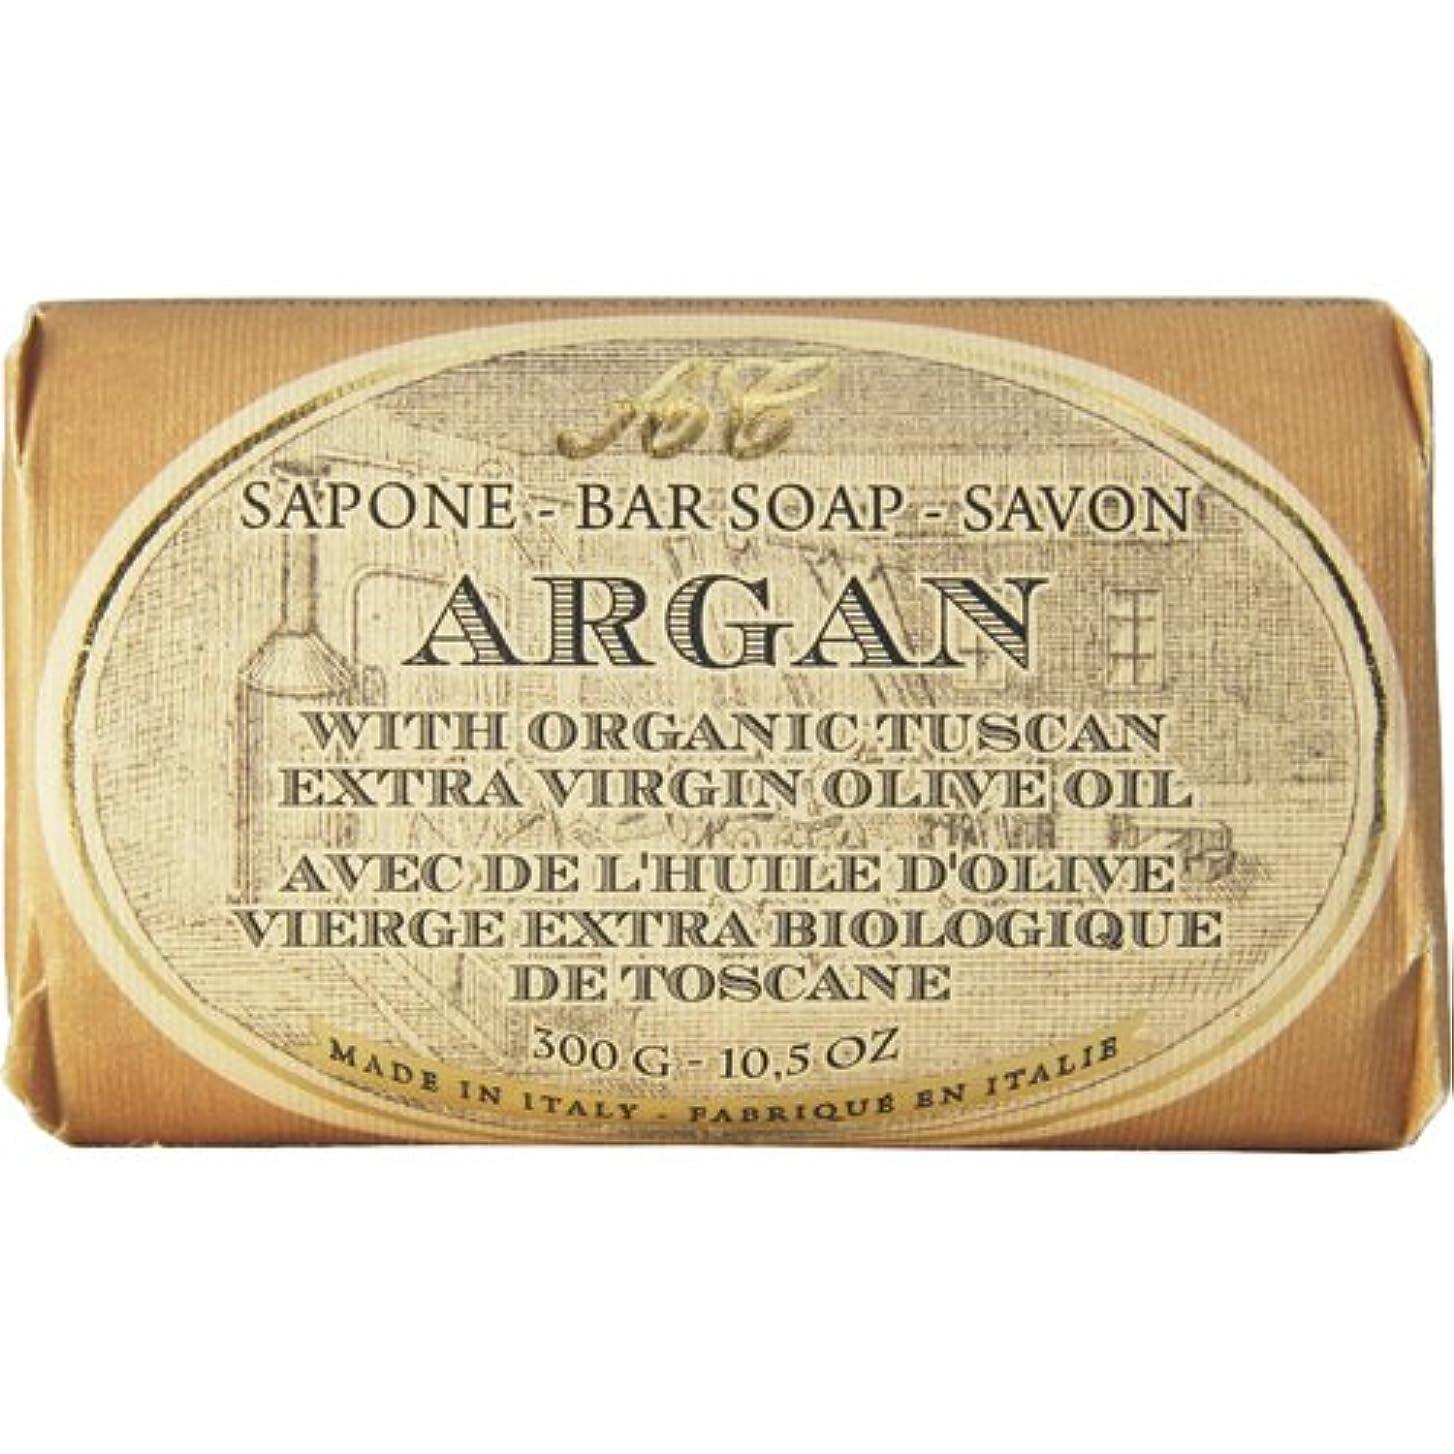 経験者論争の的サージSaponerire Fissi レトロシリーズ Bar Soap バーソープ 300g Argan アルガンオイル